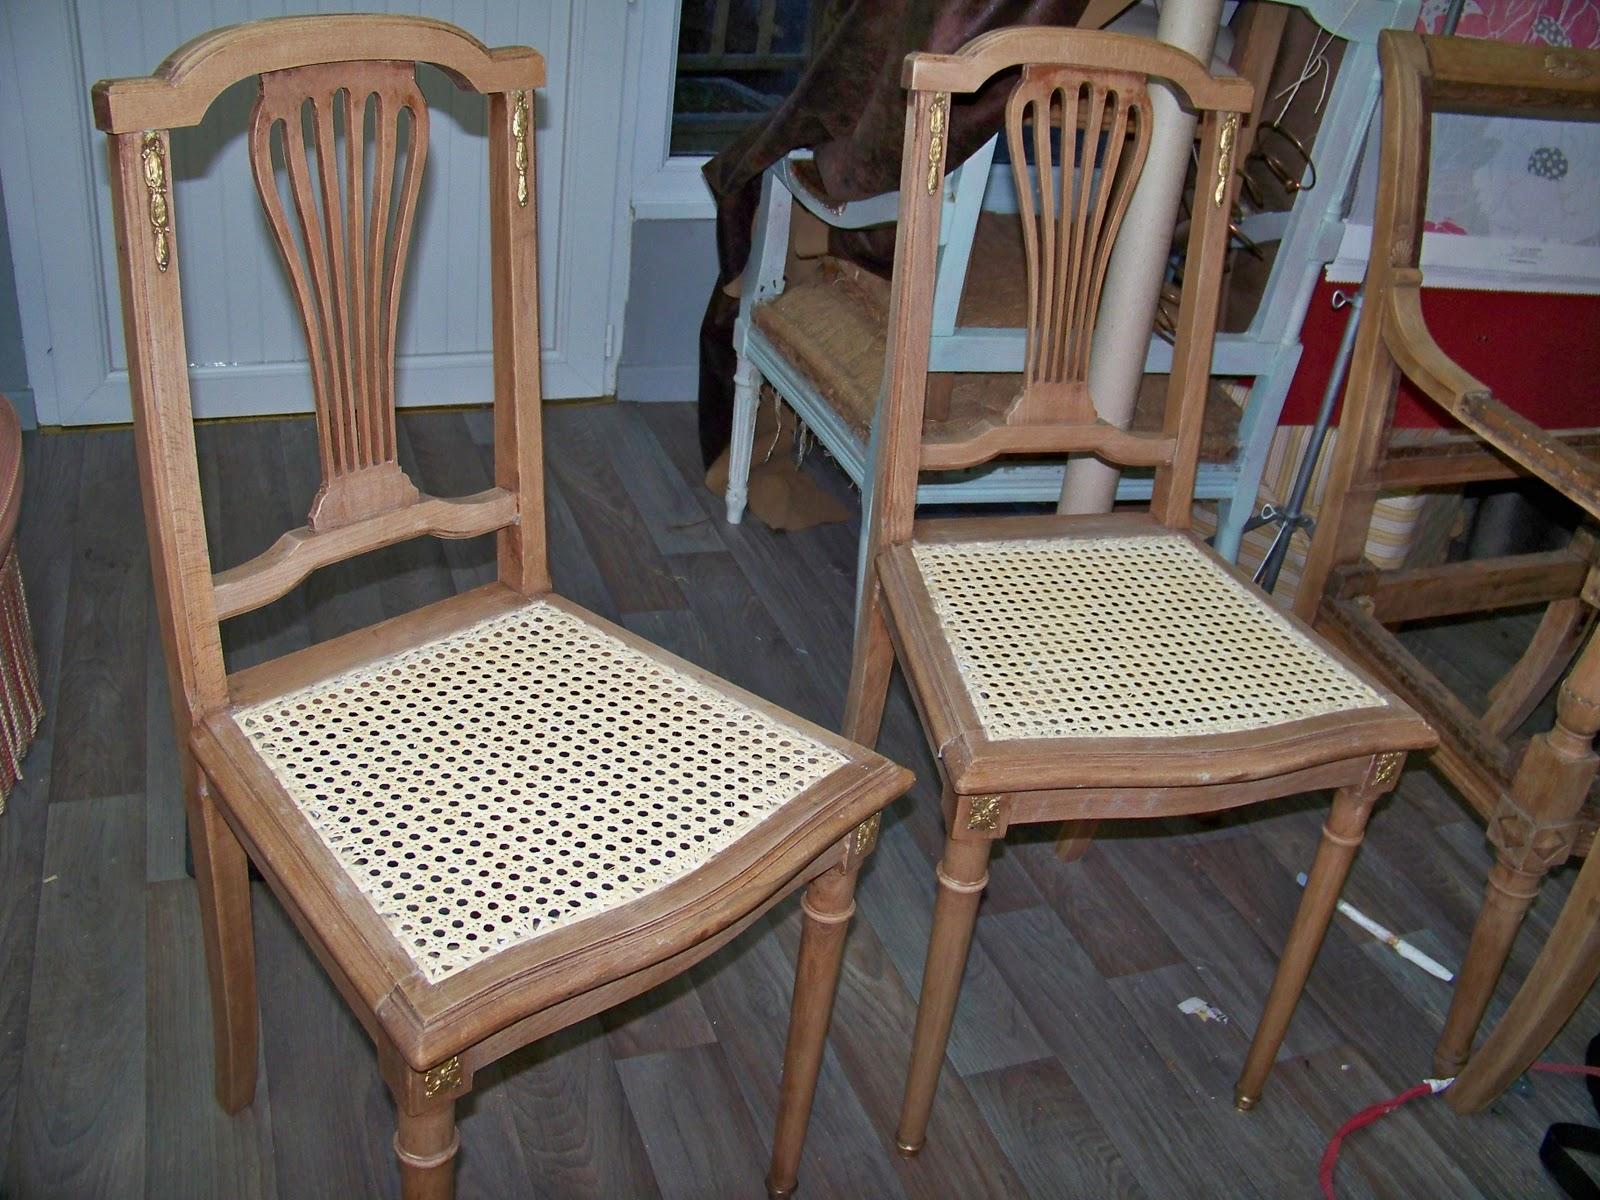 tapissier decorateur paire de chaises cann es. Black Bedroom Furniture Sets. Home Design Ideas